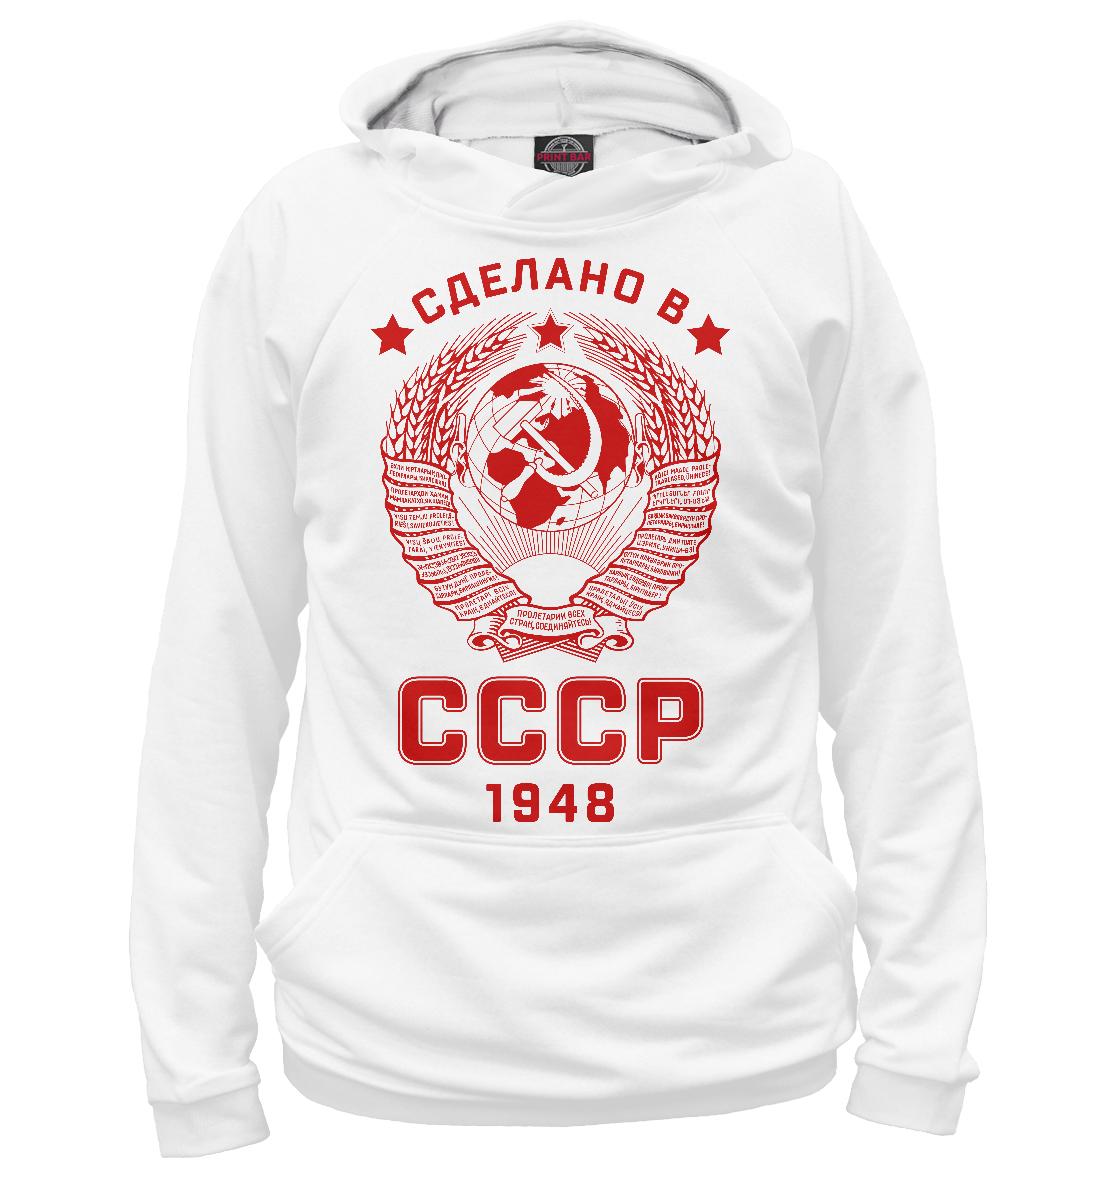 Купить Сделано в СССР - 1948, Printbar, Худи, RZP-589105-hud-1